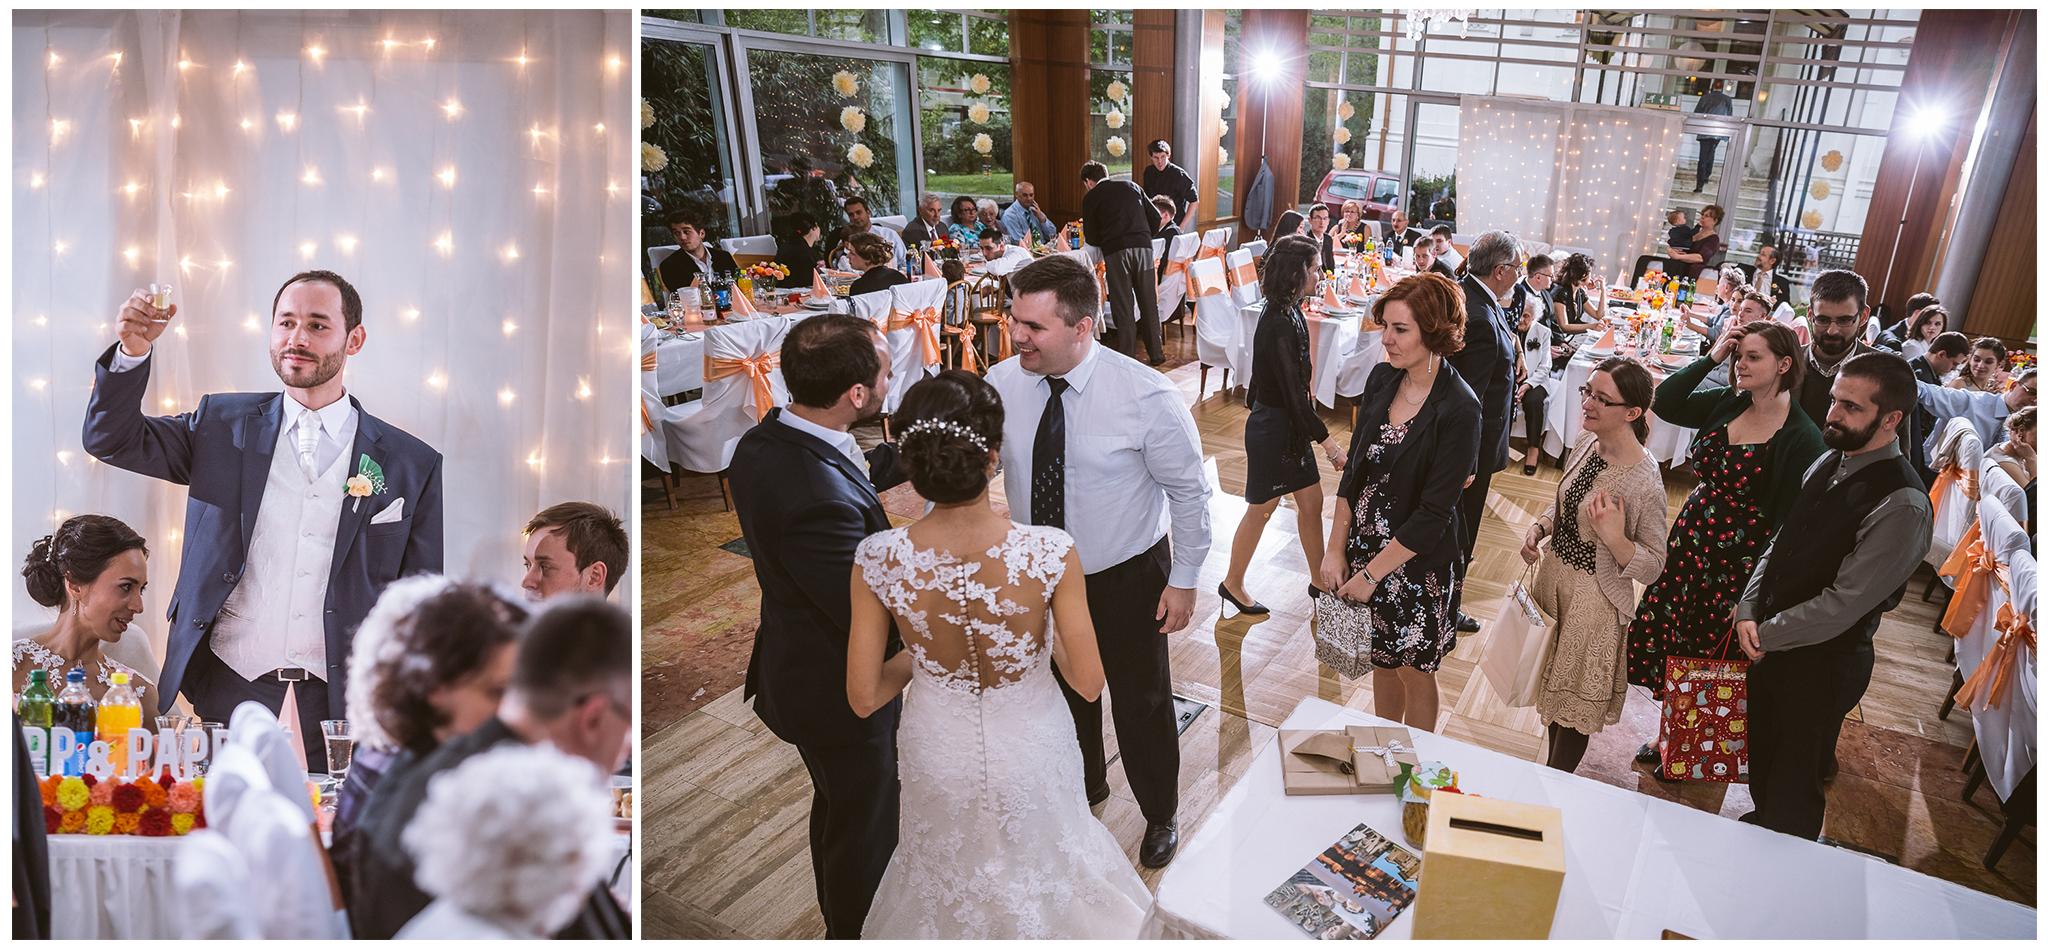 FylepPhoto, esküvőfotós, esküvői fotós Körmend, Szombathely, esküvőfotózás, magyarország, vas megye, prémium, jegyesfotózás, Fülöp Péter, körmend, kreatív, fotográfus_032.jpg